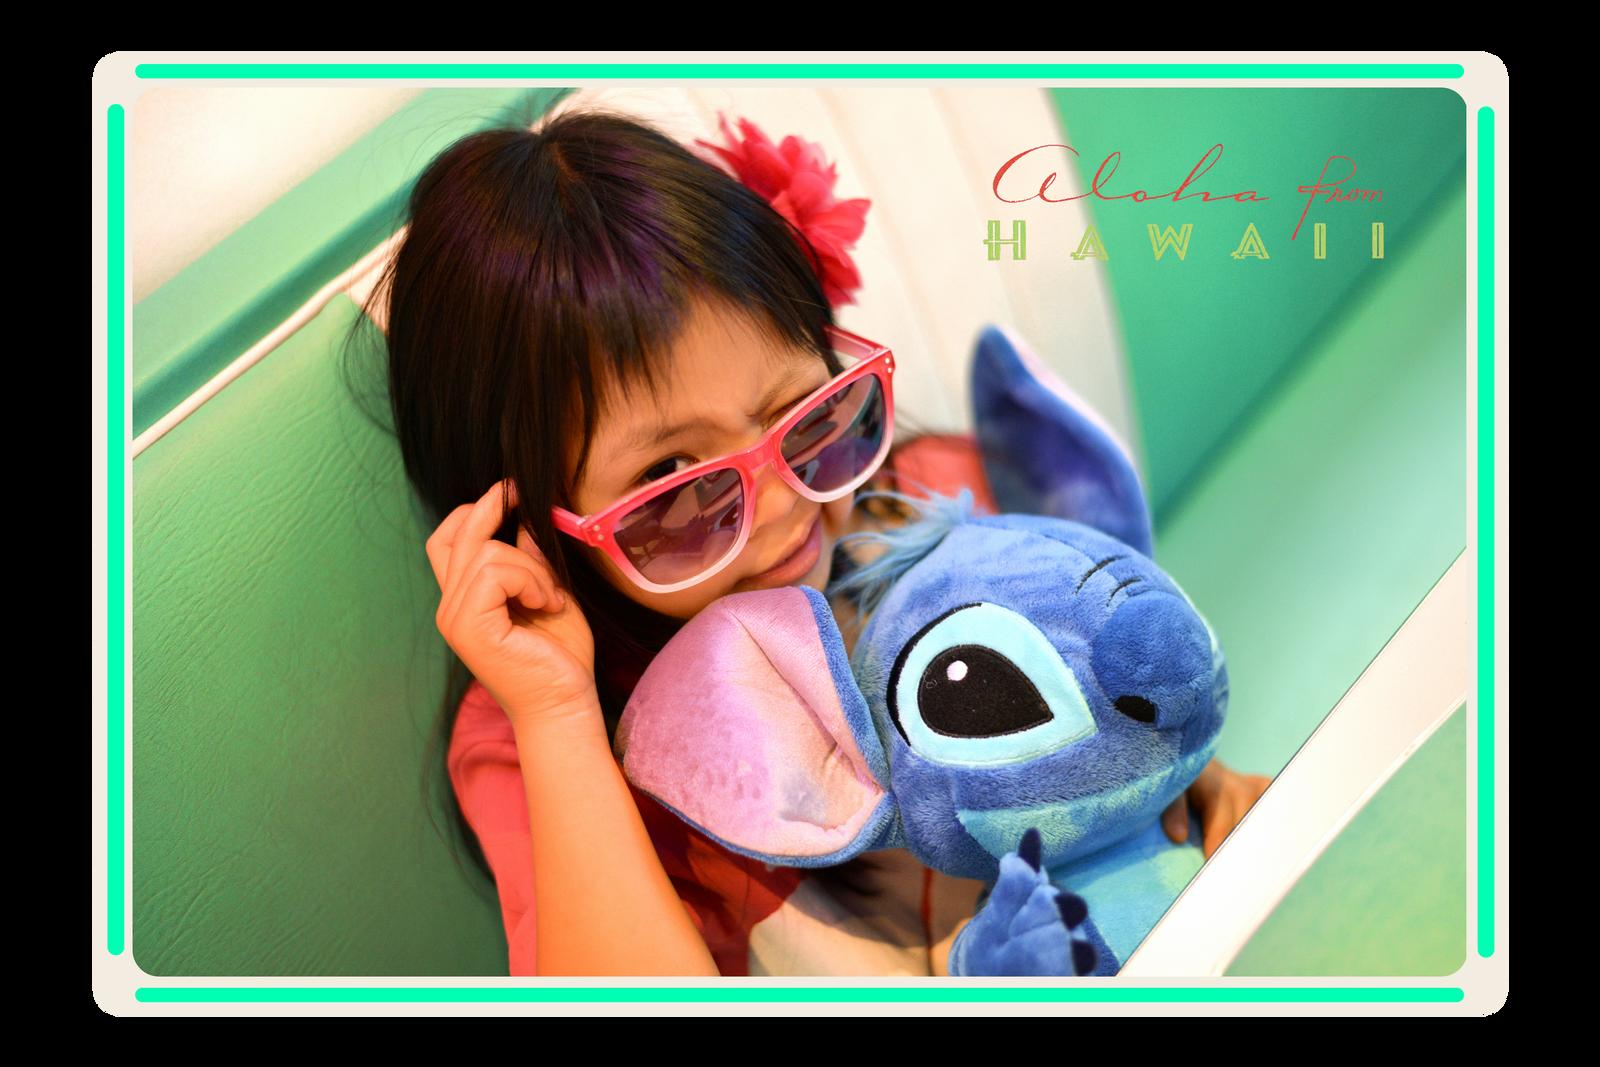 Lilo and Stitch - Aloha From Kawaii by TrustOurWorldNow